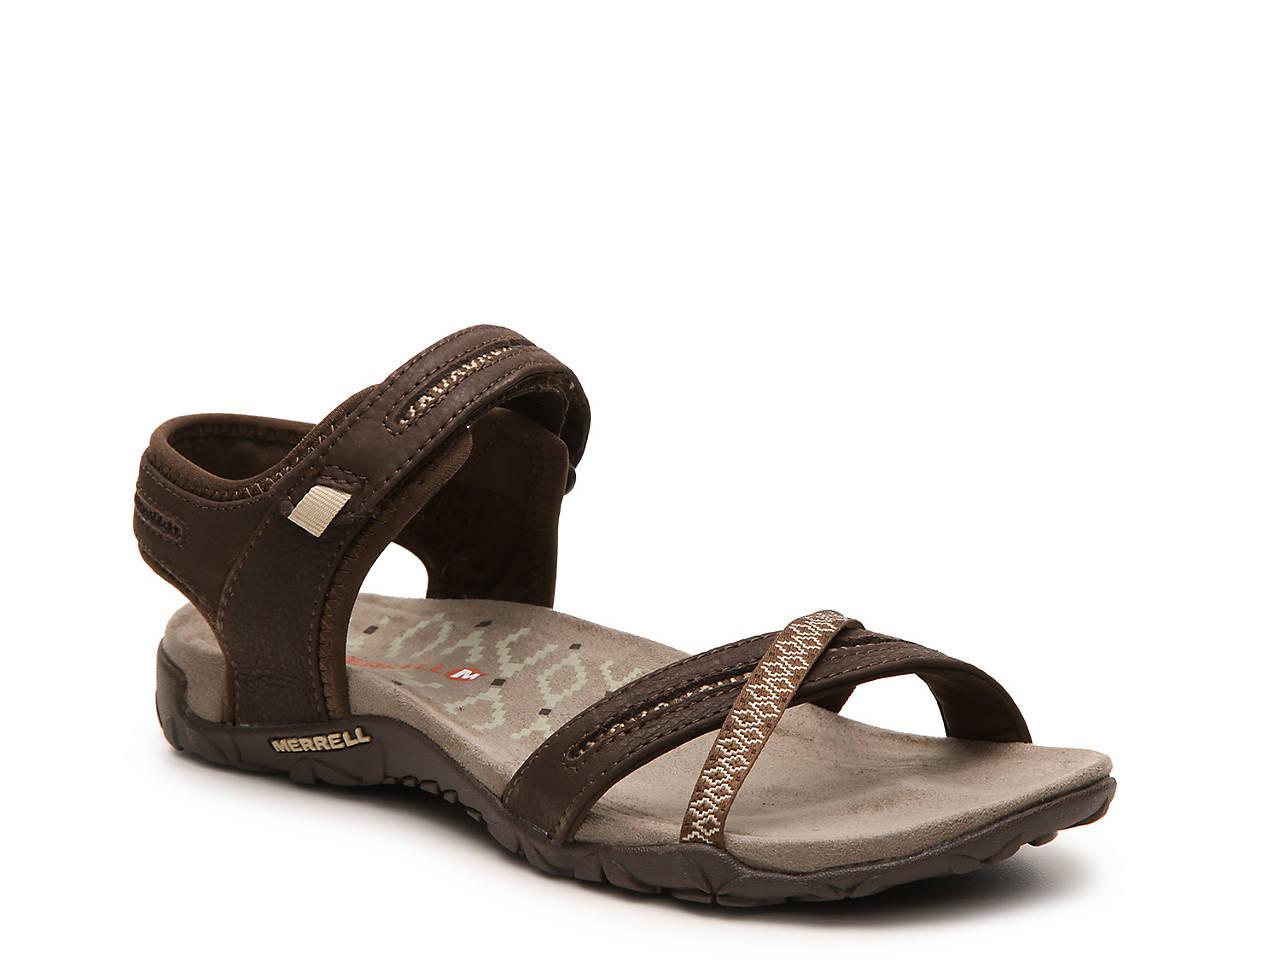 612b0fda78ff Merrell Terran Cross II Sport Sandal Women s Shoes